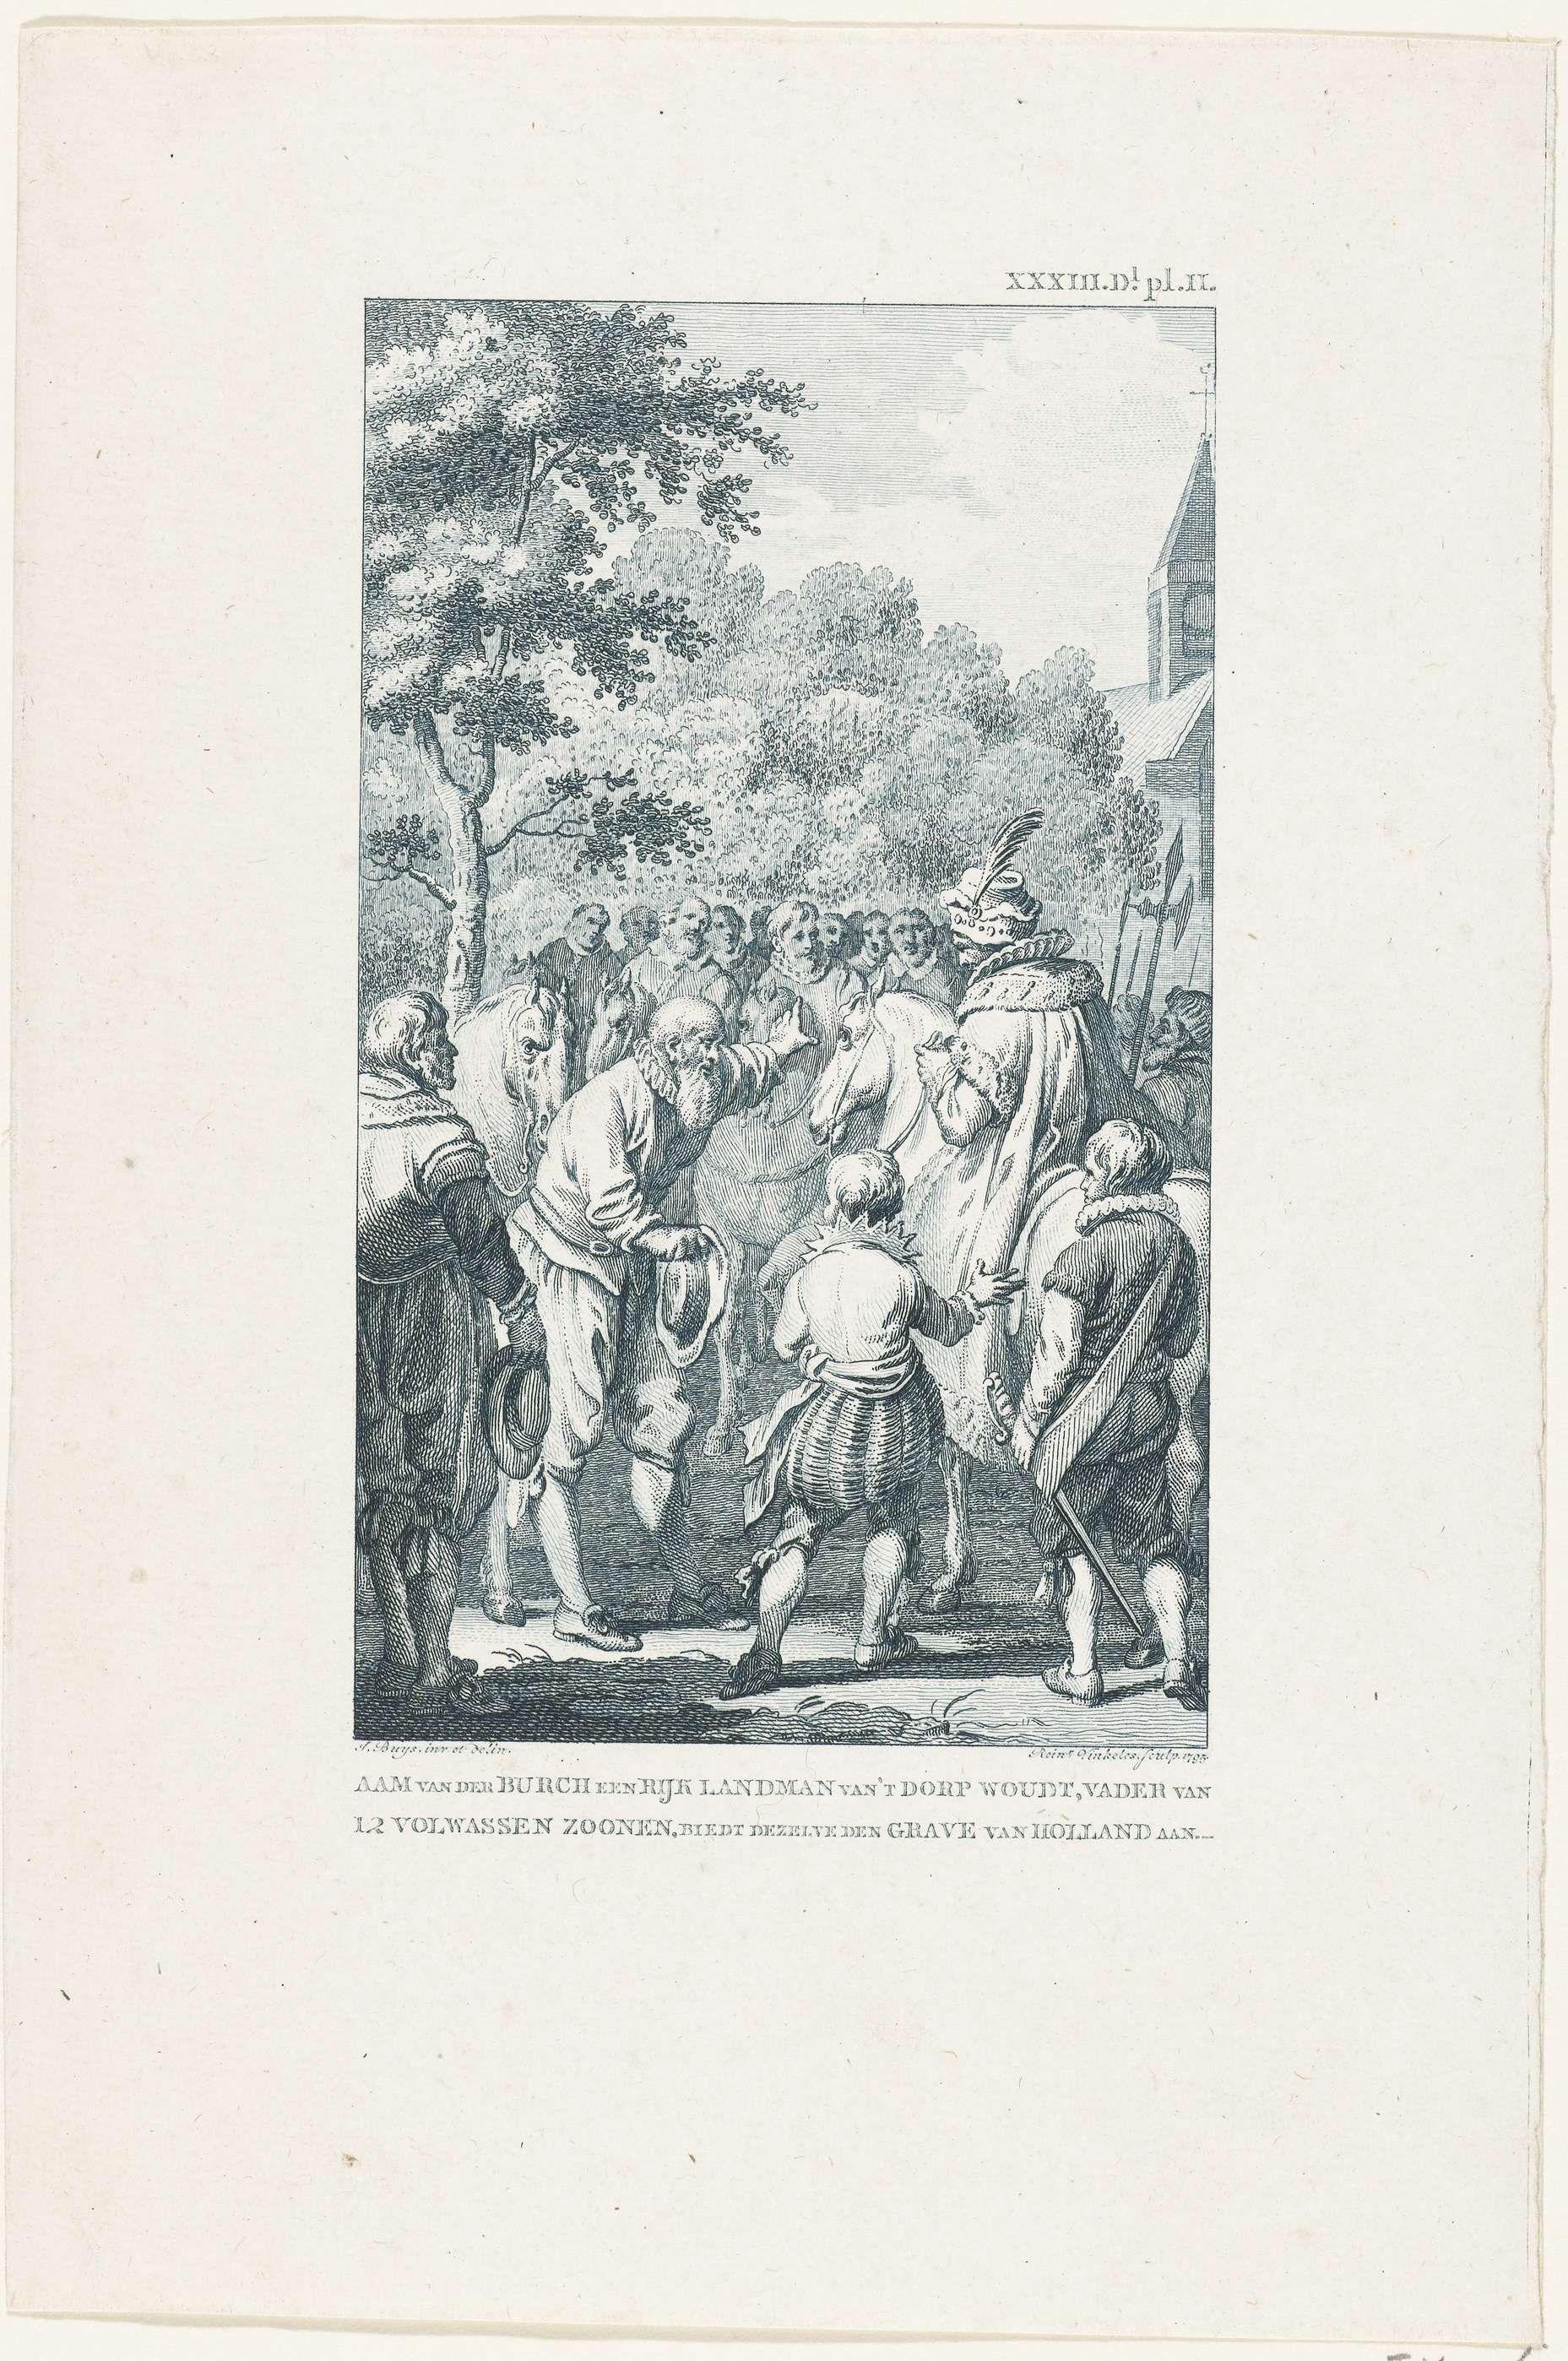 Reinier Vinkeles   Aam van der Burcht biedt de Graaf van Holland zijn zonen aan, ca. 1475, Reinier Vinkeles, 1795   Aam van der Burcht biedt de graaf van Holland, Karel de Stoute, zijn twaalf zonen aan, ca. 1475.